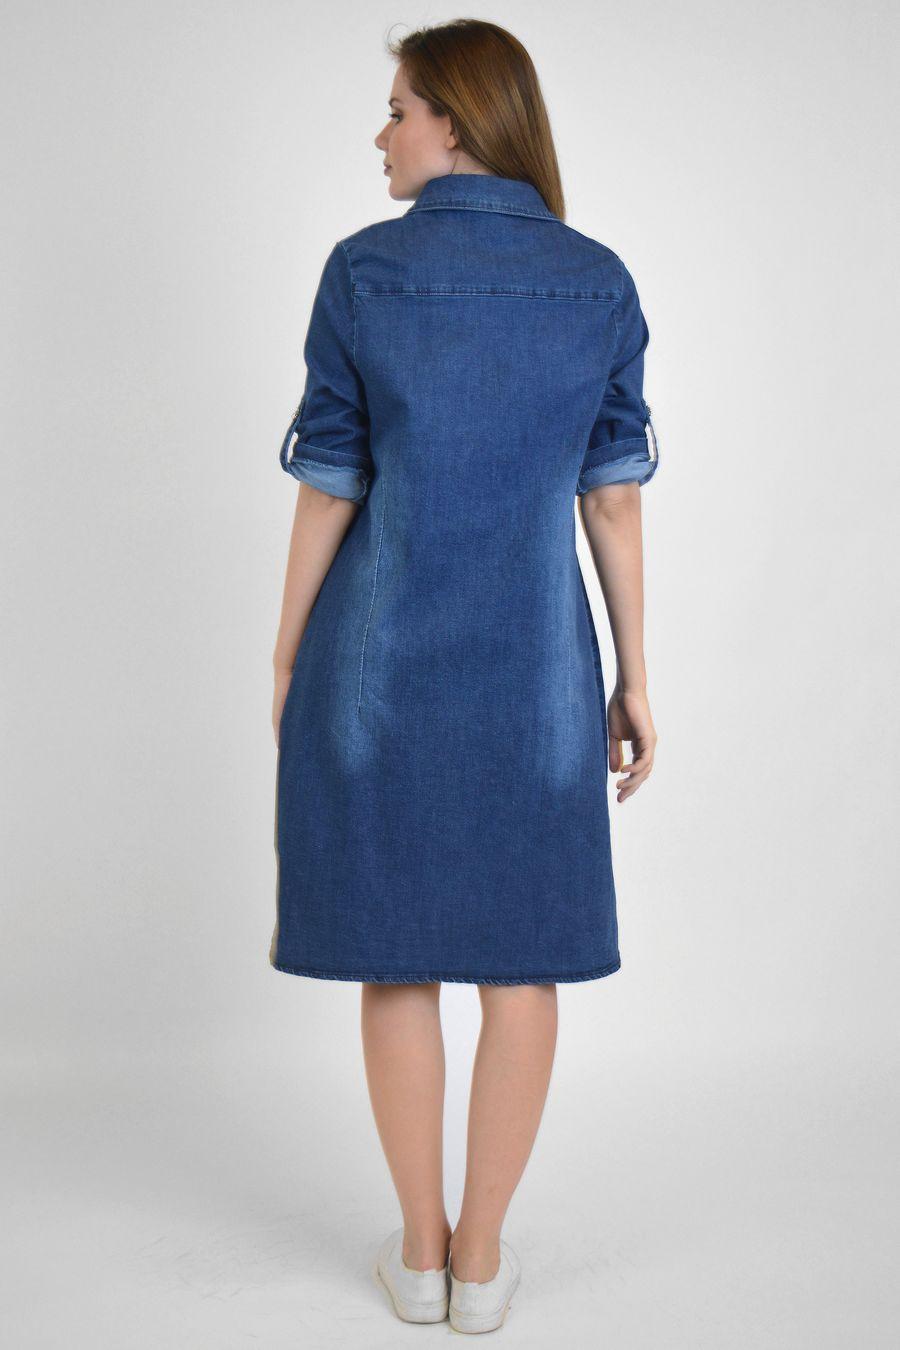 Платье женское Baccino M006 джинсовое - фото 4